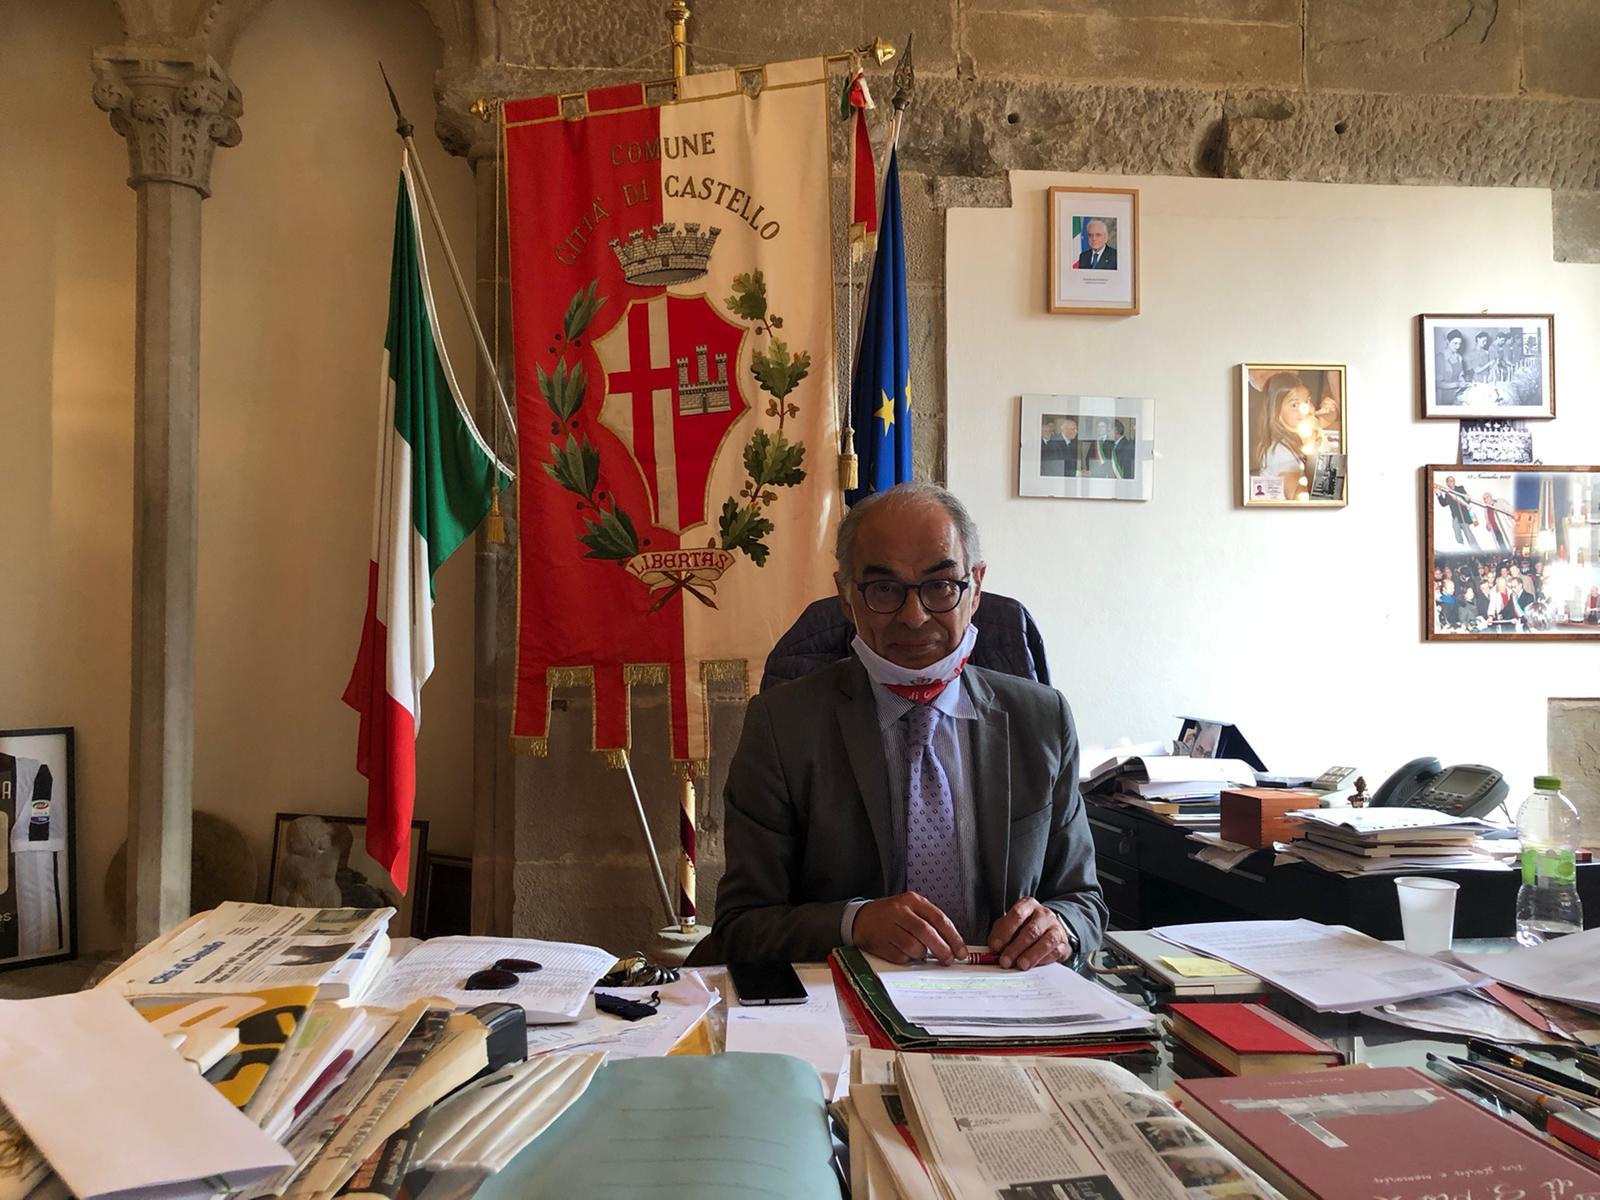 CITTÀ DI CASTELLO – RIAPRE ANCHE LA MUZI BETTI, FINE DELLA CHIUSURA ALLE 23,30 PER I PUBBLICI ESERCIZI